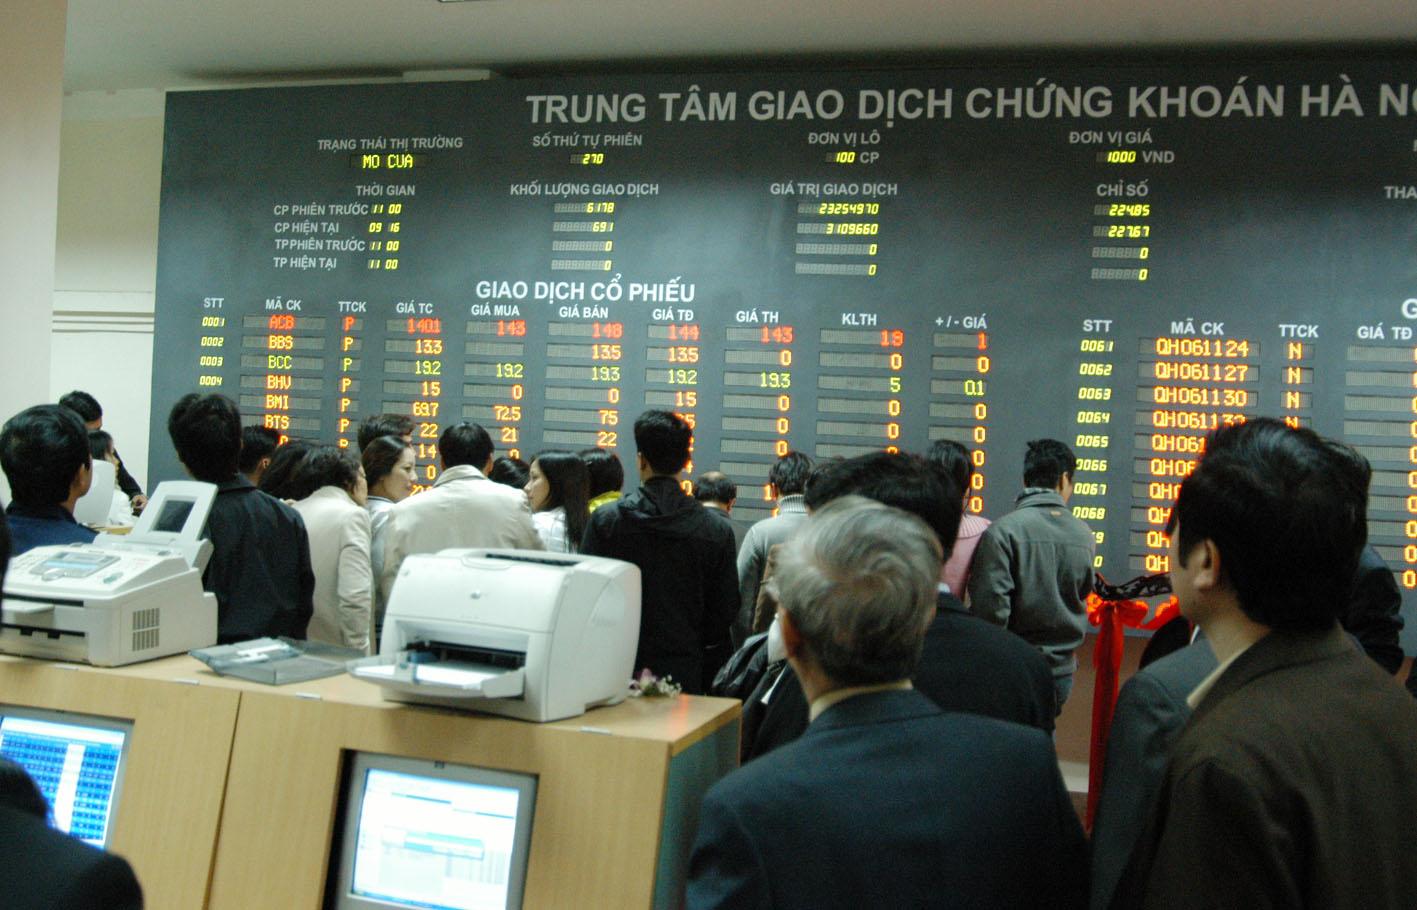 Khi nào thị trường chứng khoán Việt Nam trở lại